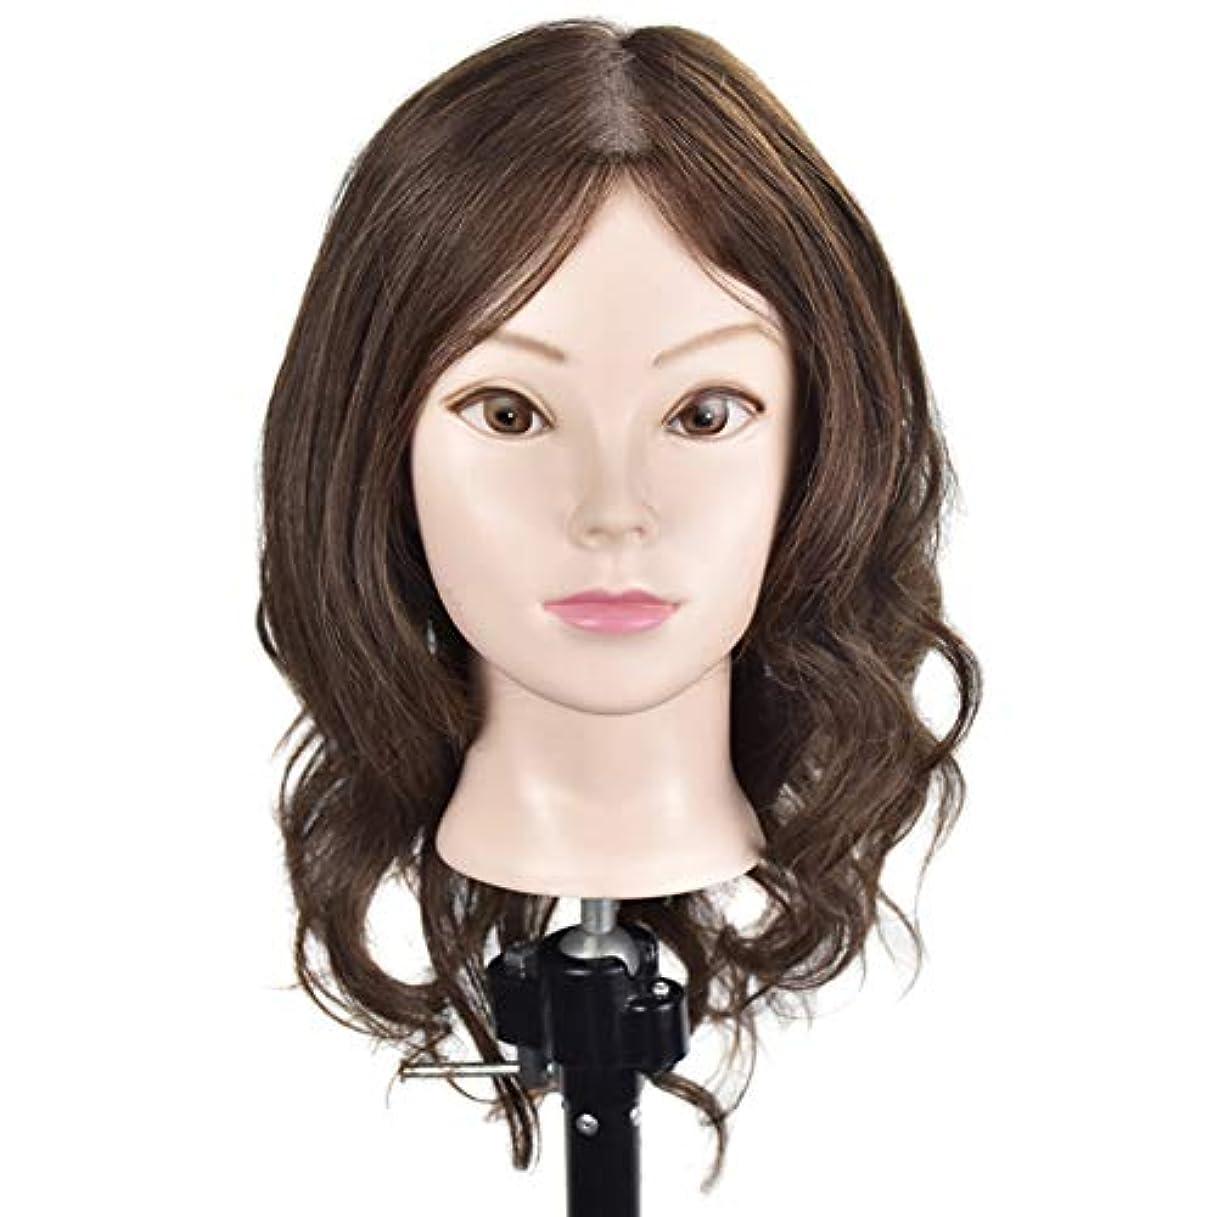 原子炉現実的一瞬専門の練習ホット染色漂白はさみモデリングマネキン髪編組髪かつら女性モデルティーチングヘッド